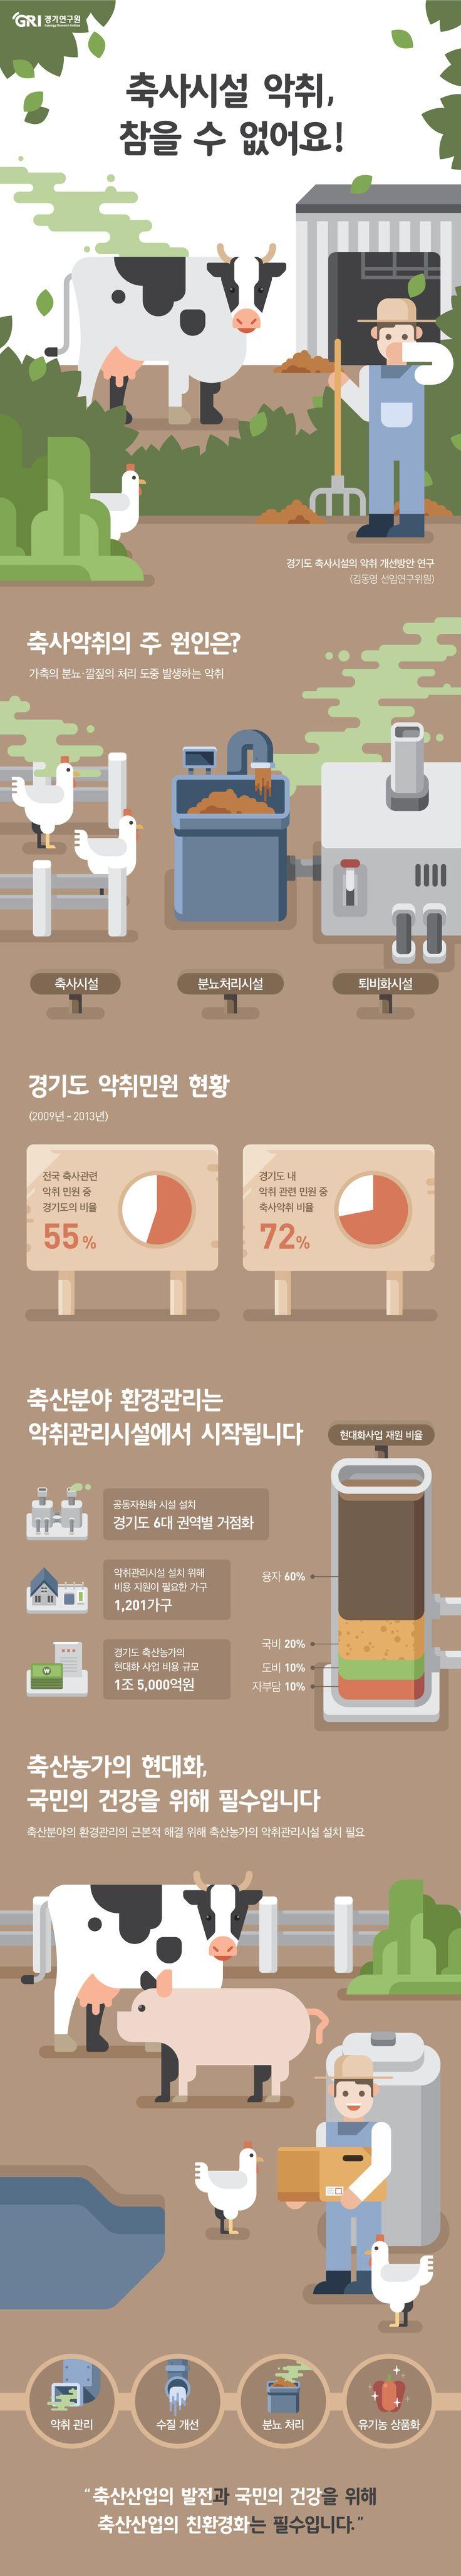 [infographic] '축사시설 악취'에 대한 인포그래픽